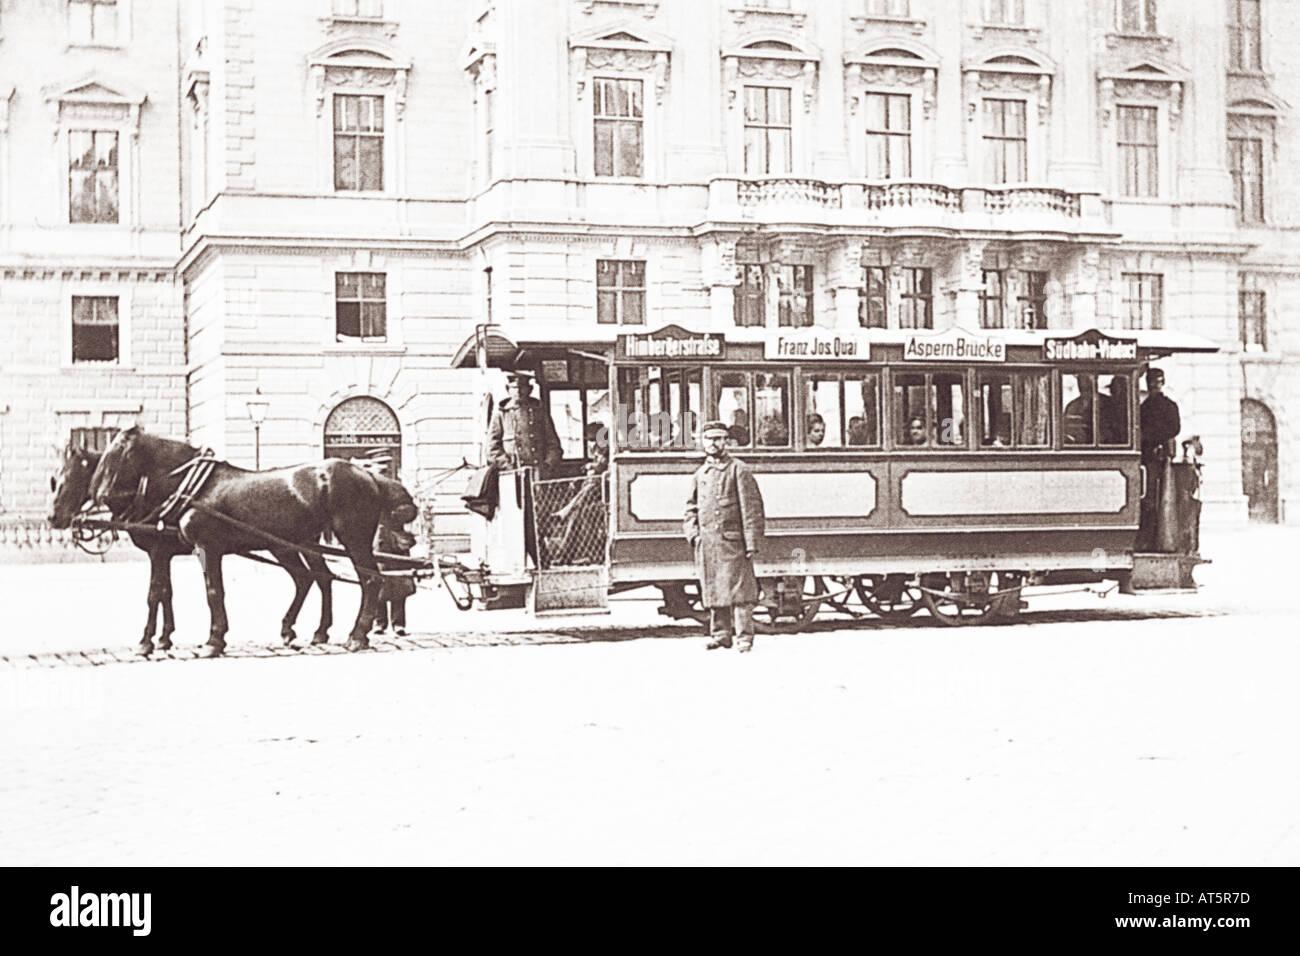 Volksbilder Straßenbahn 1900 - Stock Image